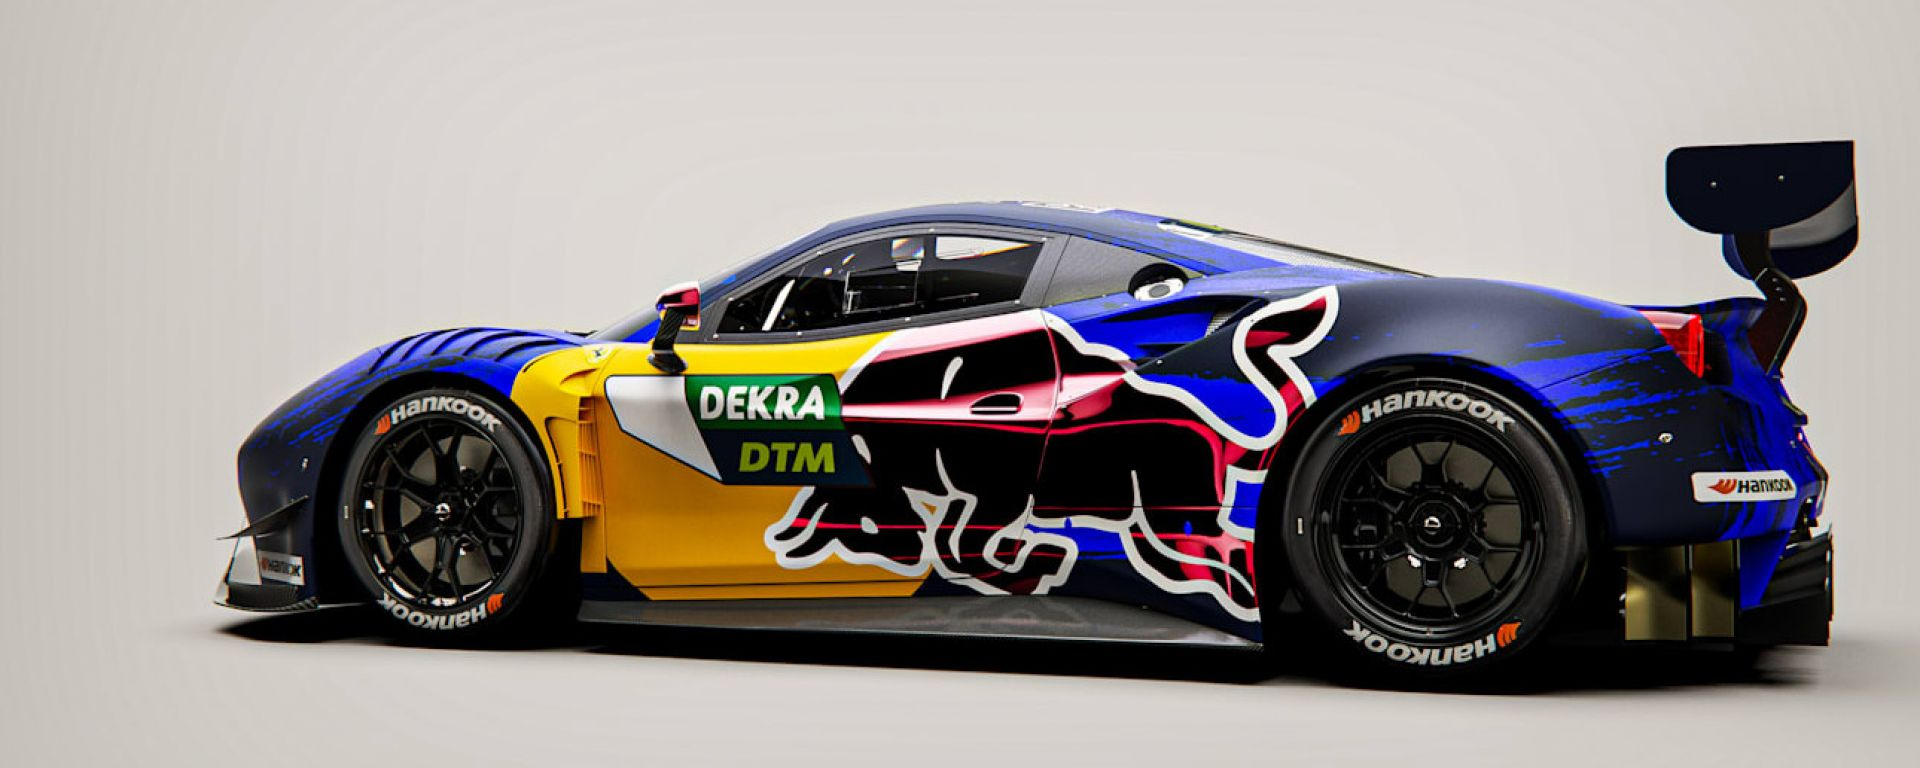 DTM 2021: la Ferrari 488 GT3 EVO con livrea Red Bull